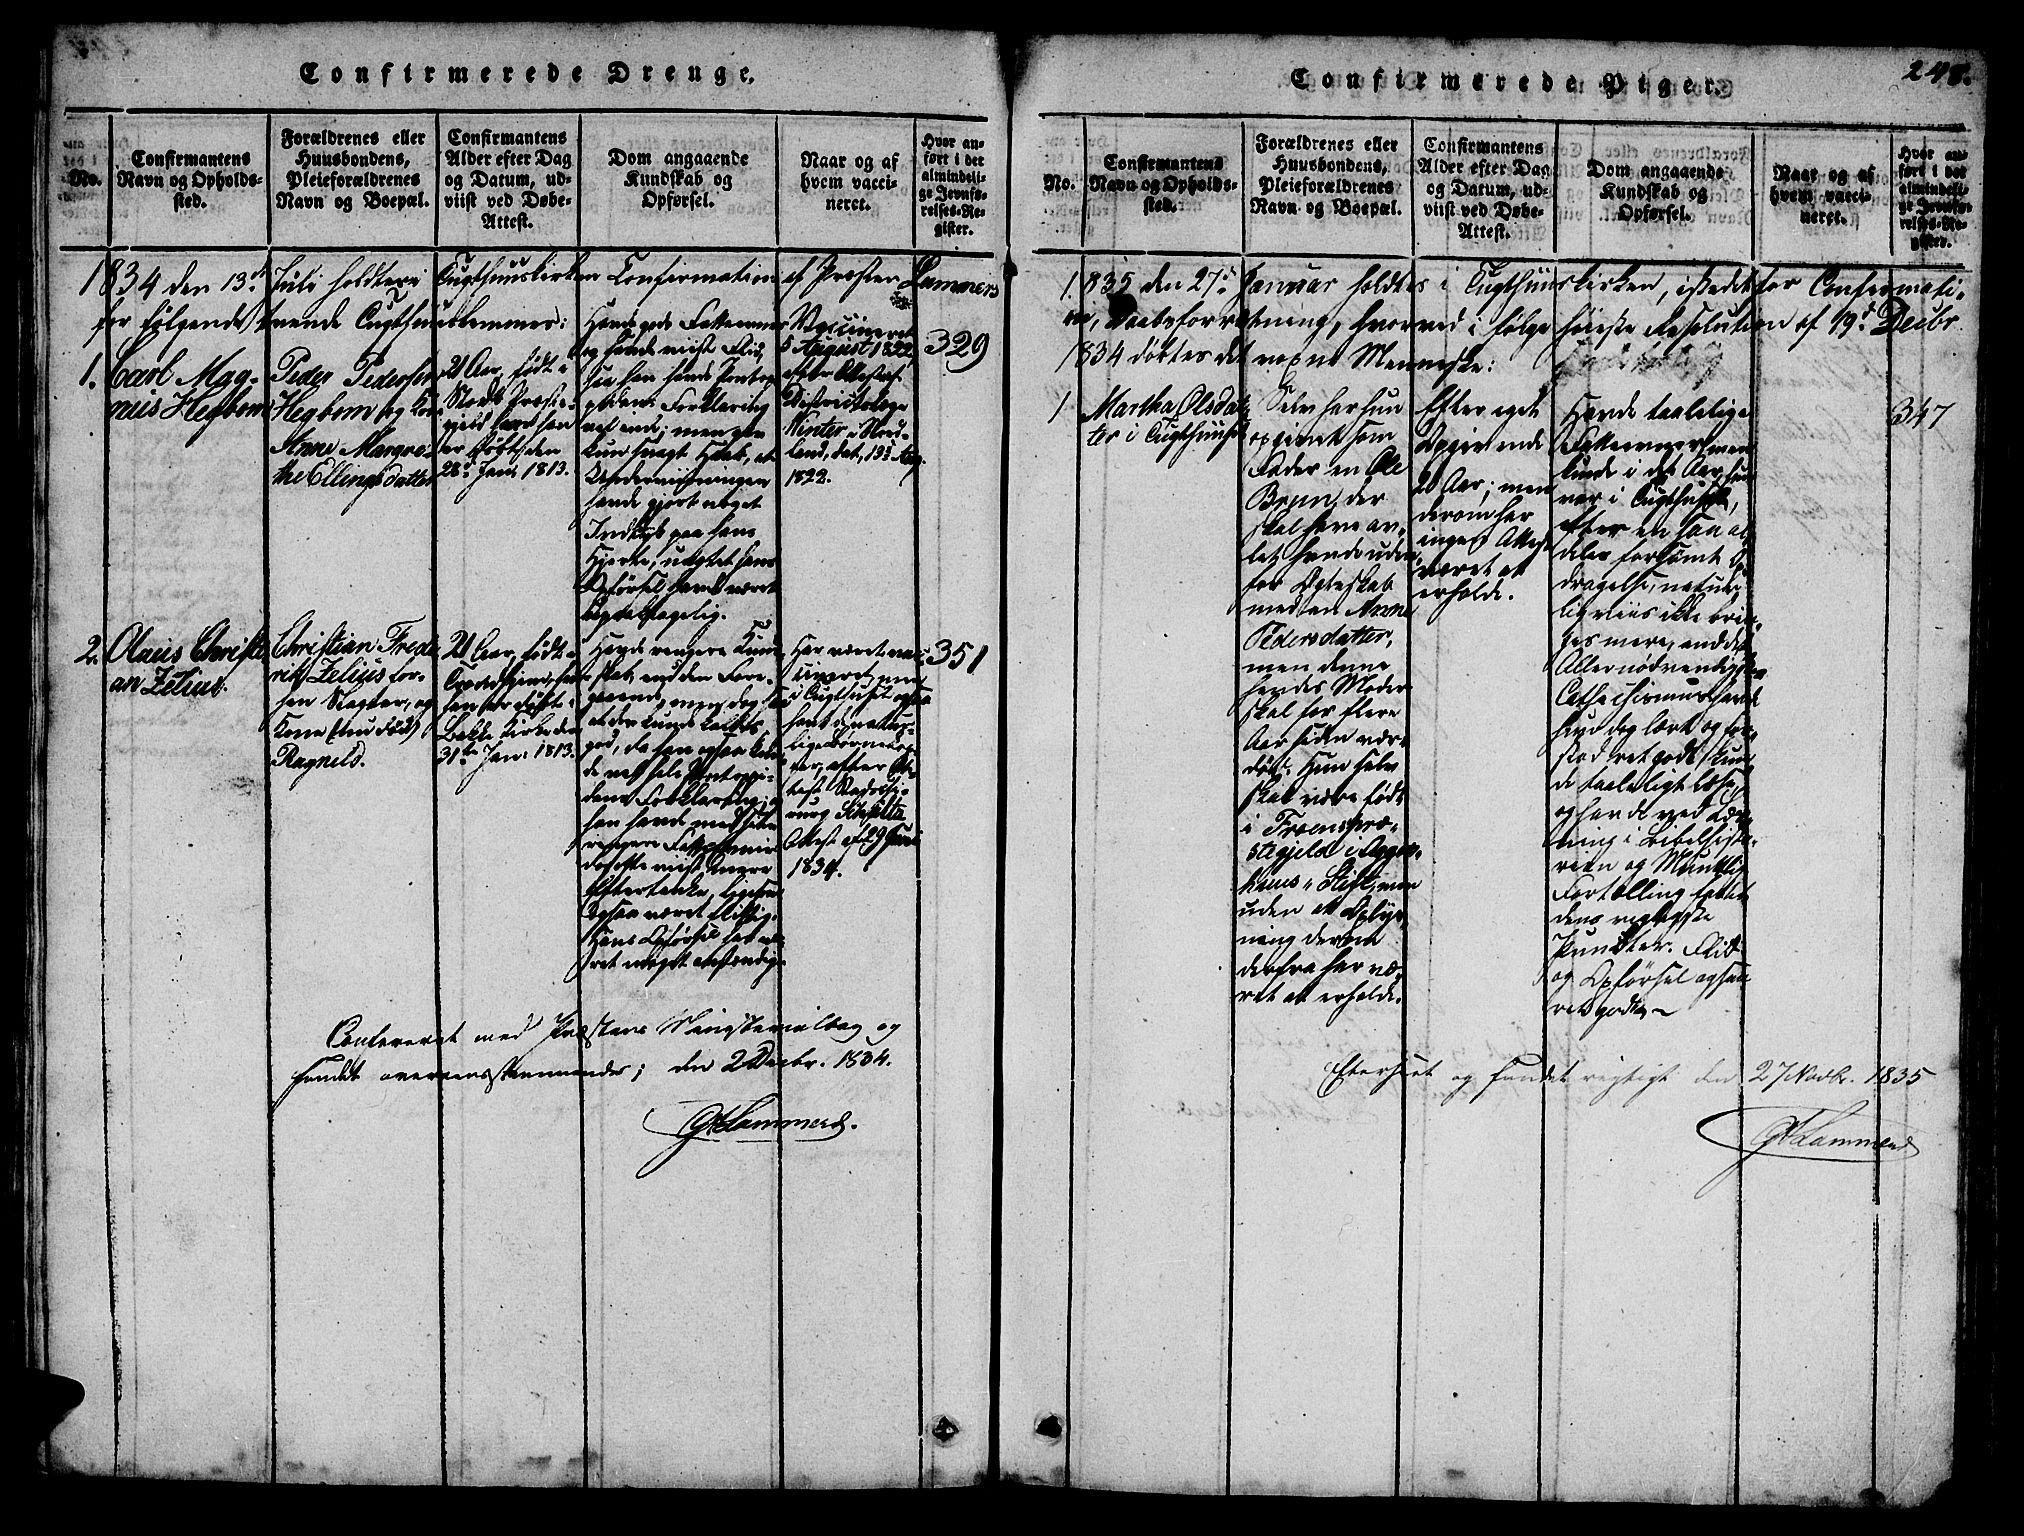 SAT, Ministerialprotokoller, klokkerbøker og fødselsregistre - Sør-Trøndelag, 623/L0478: Klokkerbok nr. 623C01, 1815-1873, s. 248